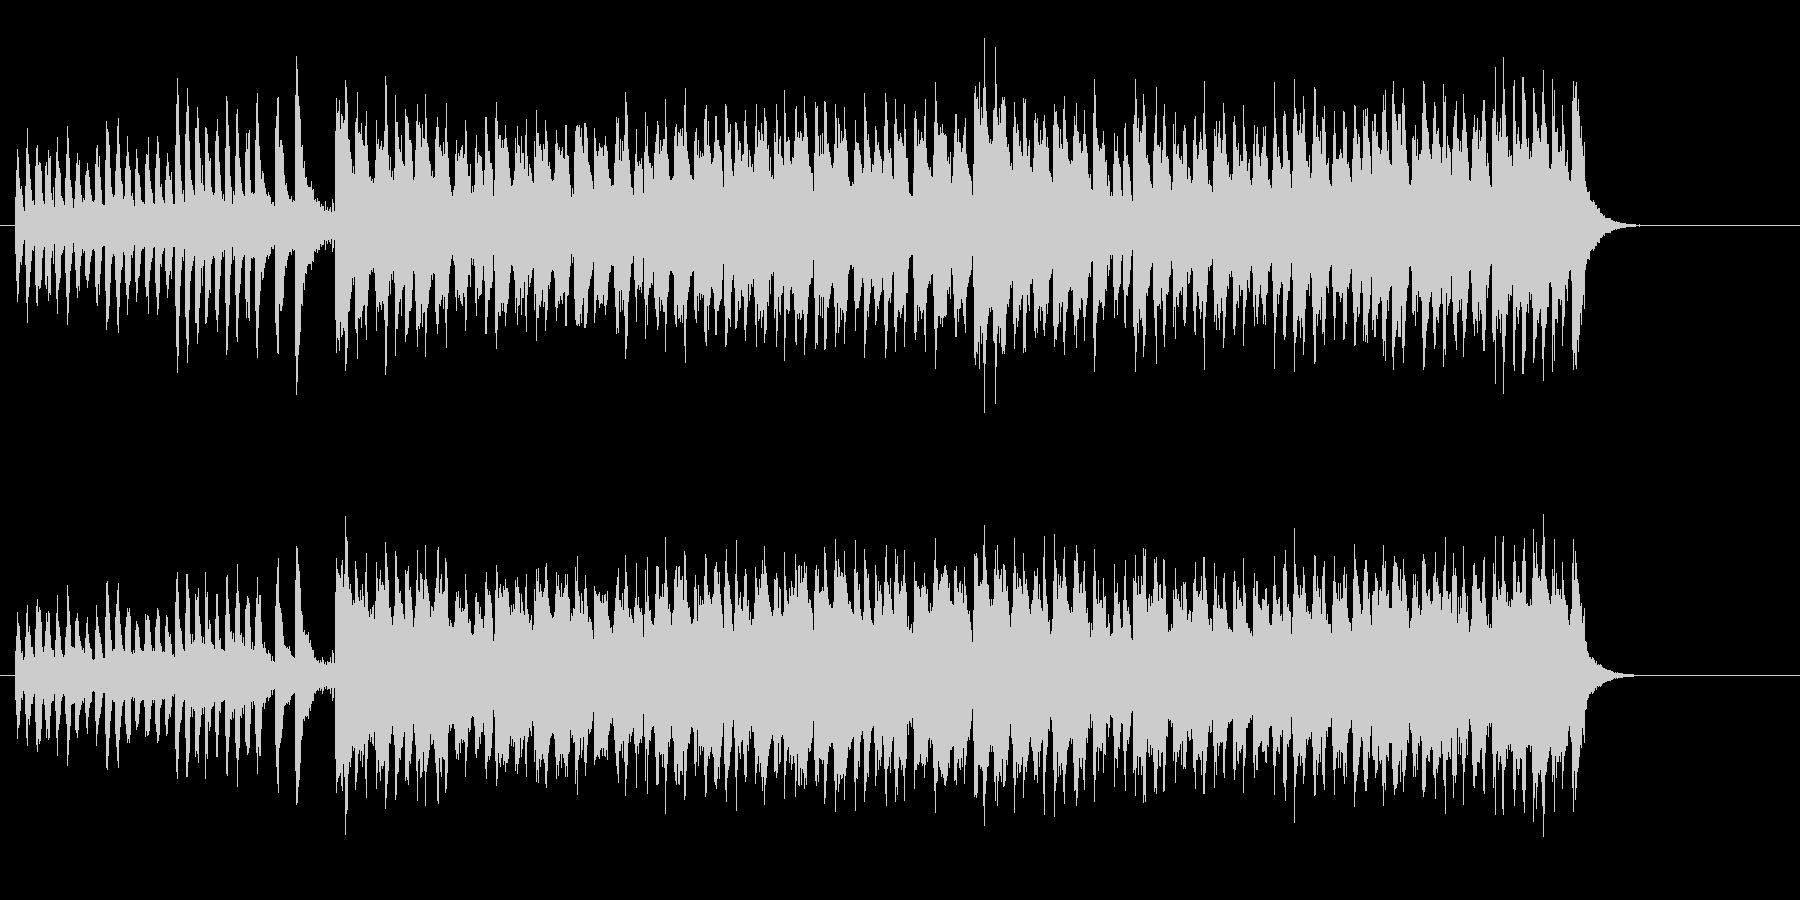 明るくかわいいマーチ・サウンドの未再生の波形